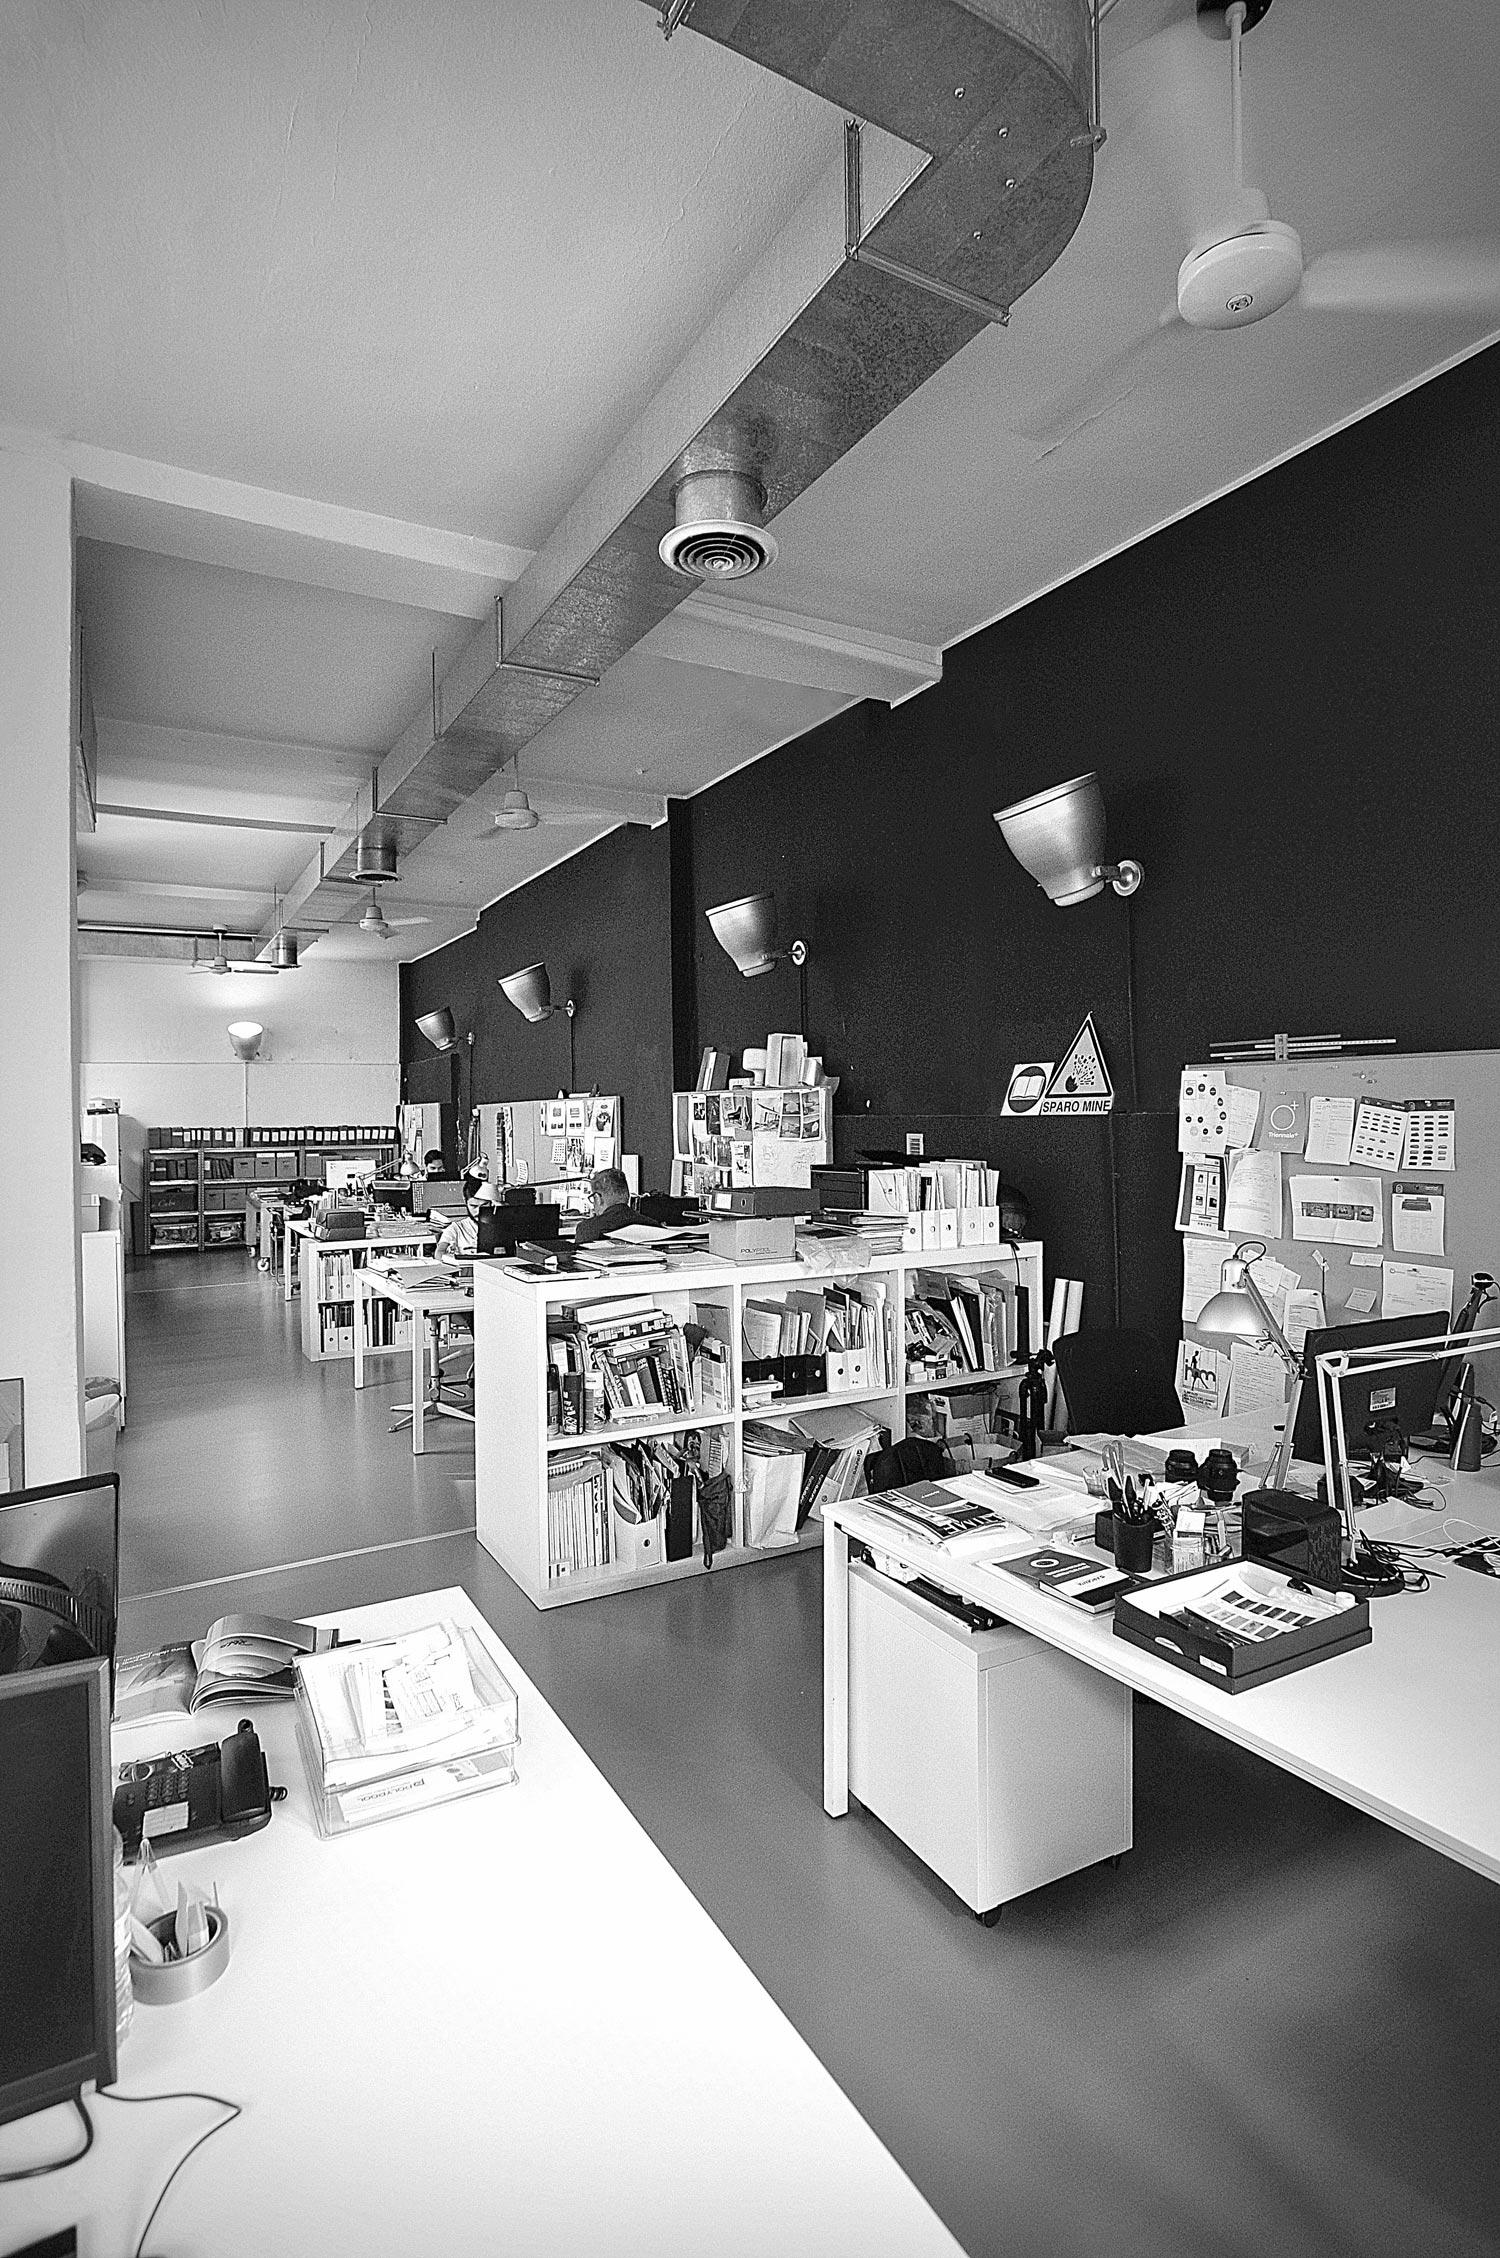 studio02-milano-grafica-web-comunication